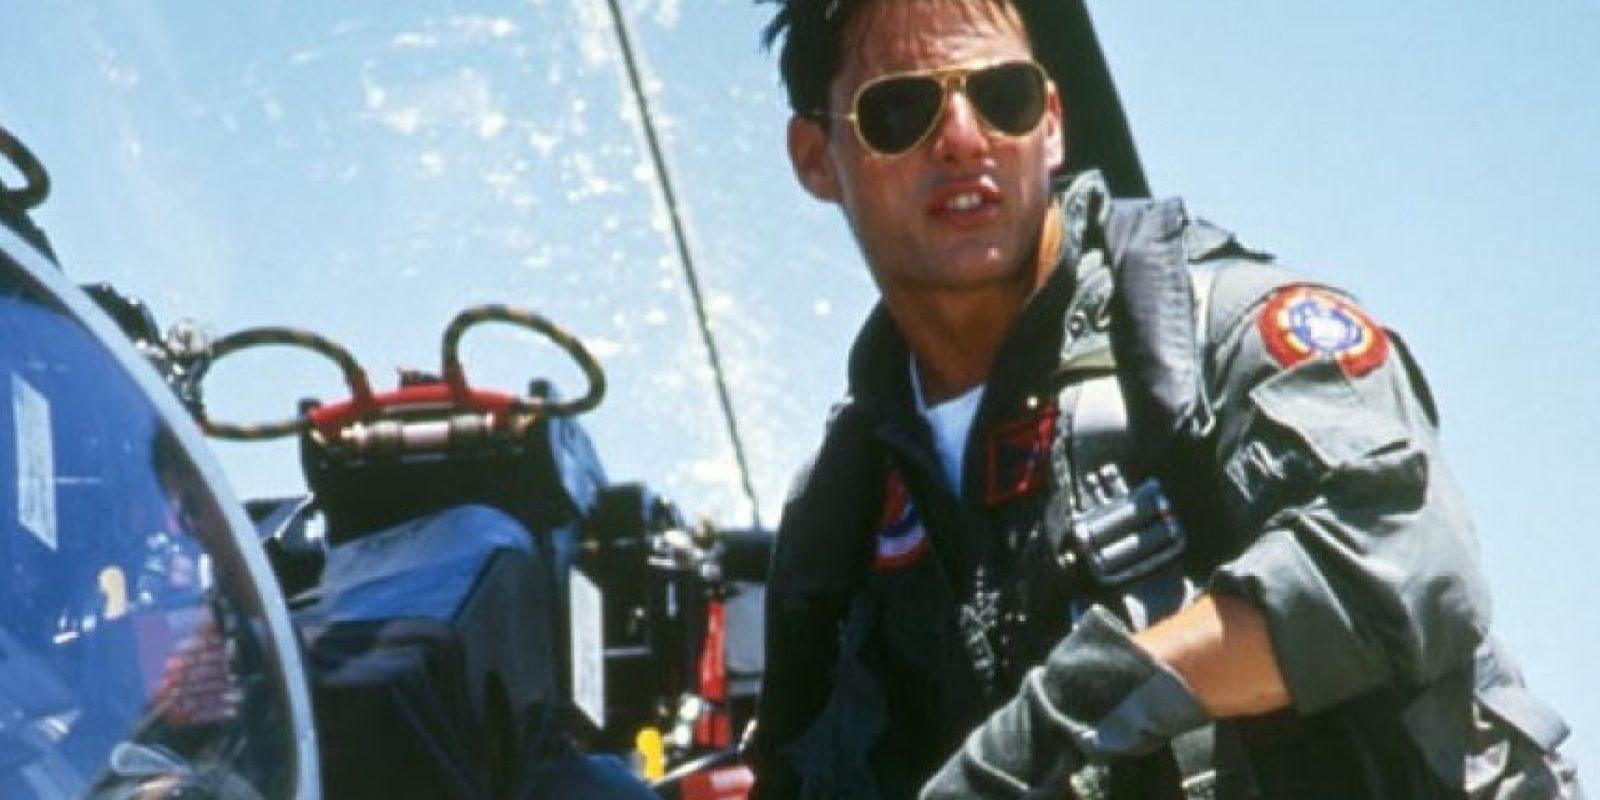 Thomas Cruise Mapother IV (Siracusa, Nueva York; 3 de julio de 1962), más conocido como Tom Cruise, es un actor estadounidense. Ha protagonizado películas como Risky Business, Top Gun, El color del dinero, La guerra de los mundos, Días de trueno, Rain Man, Entrevista con el vampiro, Eyes Wide Shut, Minority Report, El último samurái, Operación Valquiria, La era del rock y la saga de Misión: Imposible. Foto:Internet